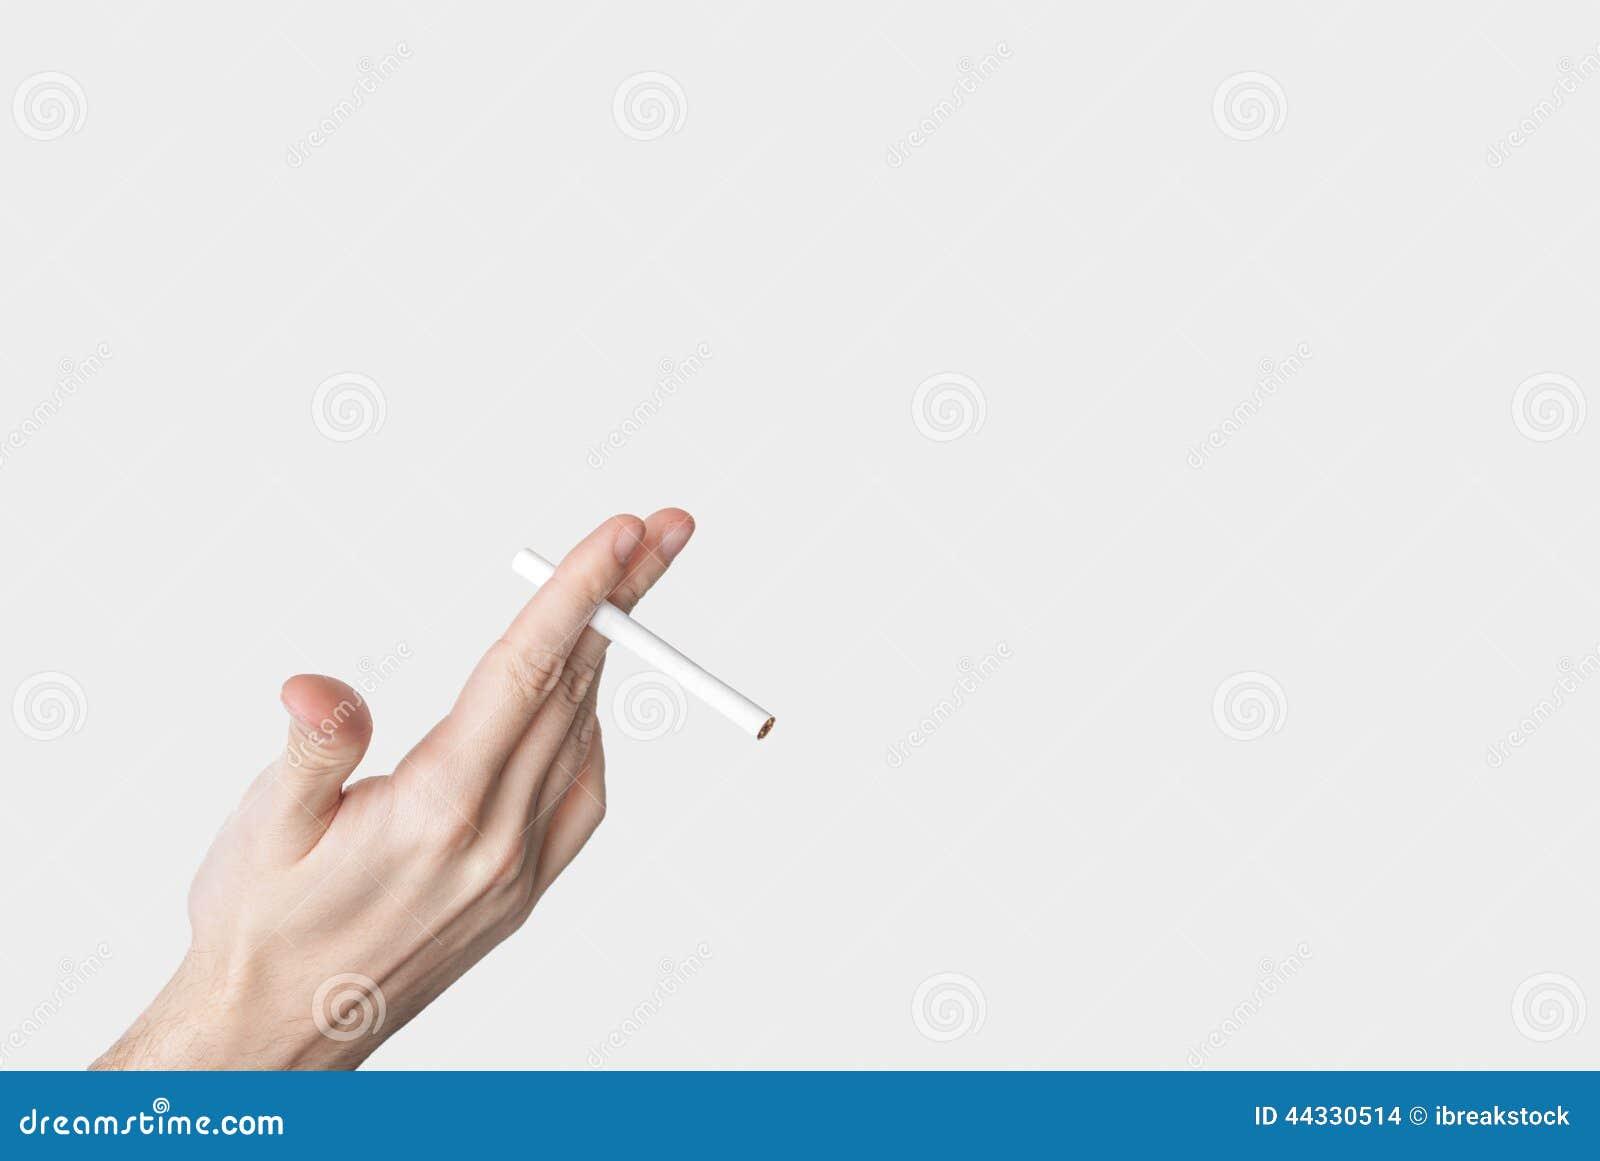 拿着香烟的男性手被隔绝在灰色